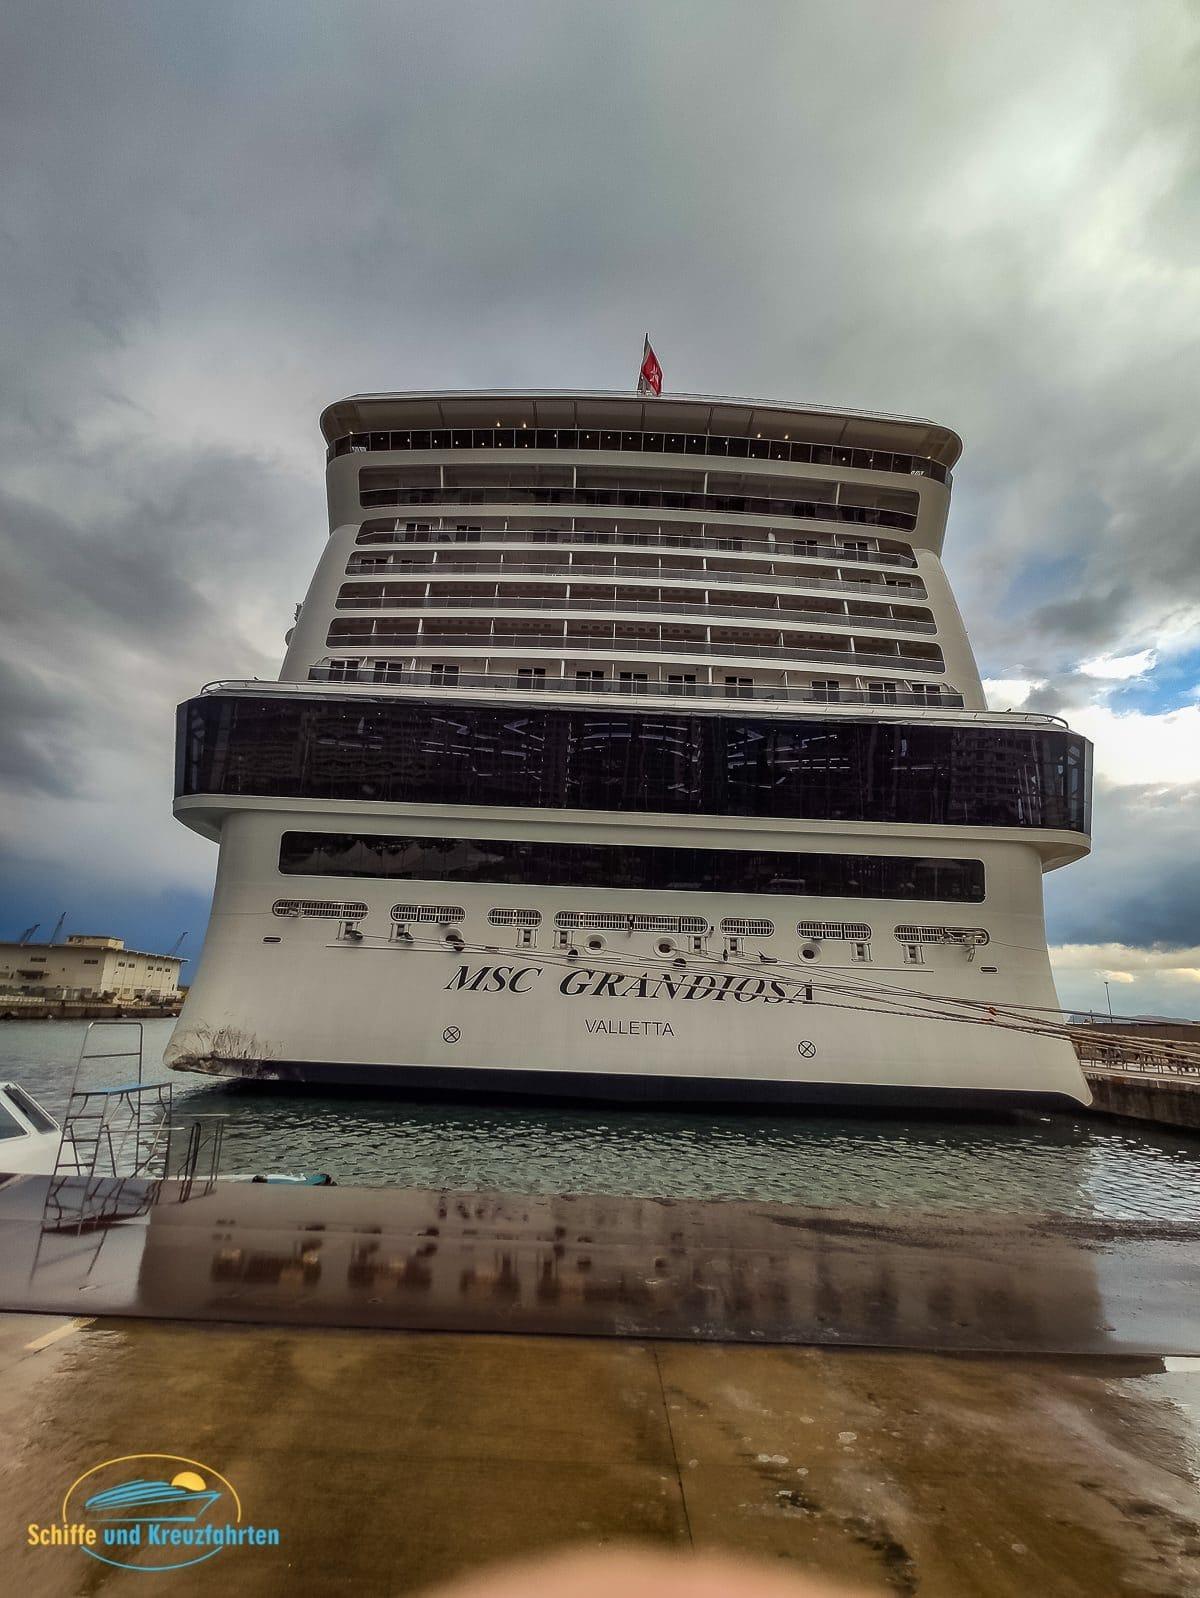 UNFALL: MSC Grandiosa rammte Pier in Palermo